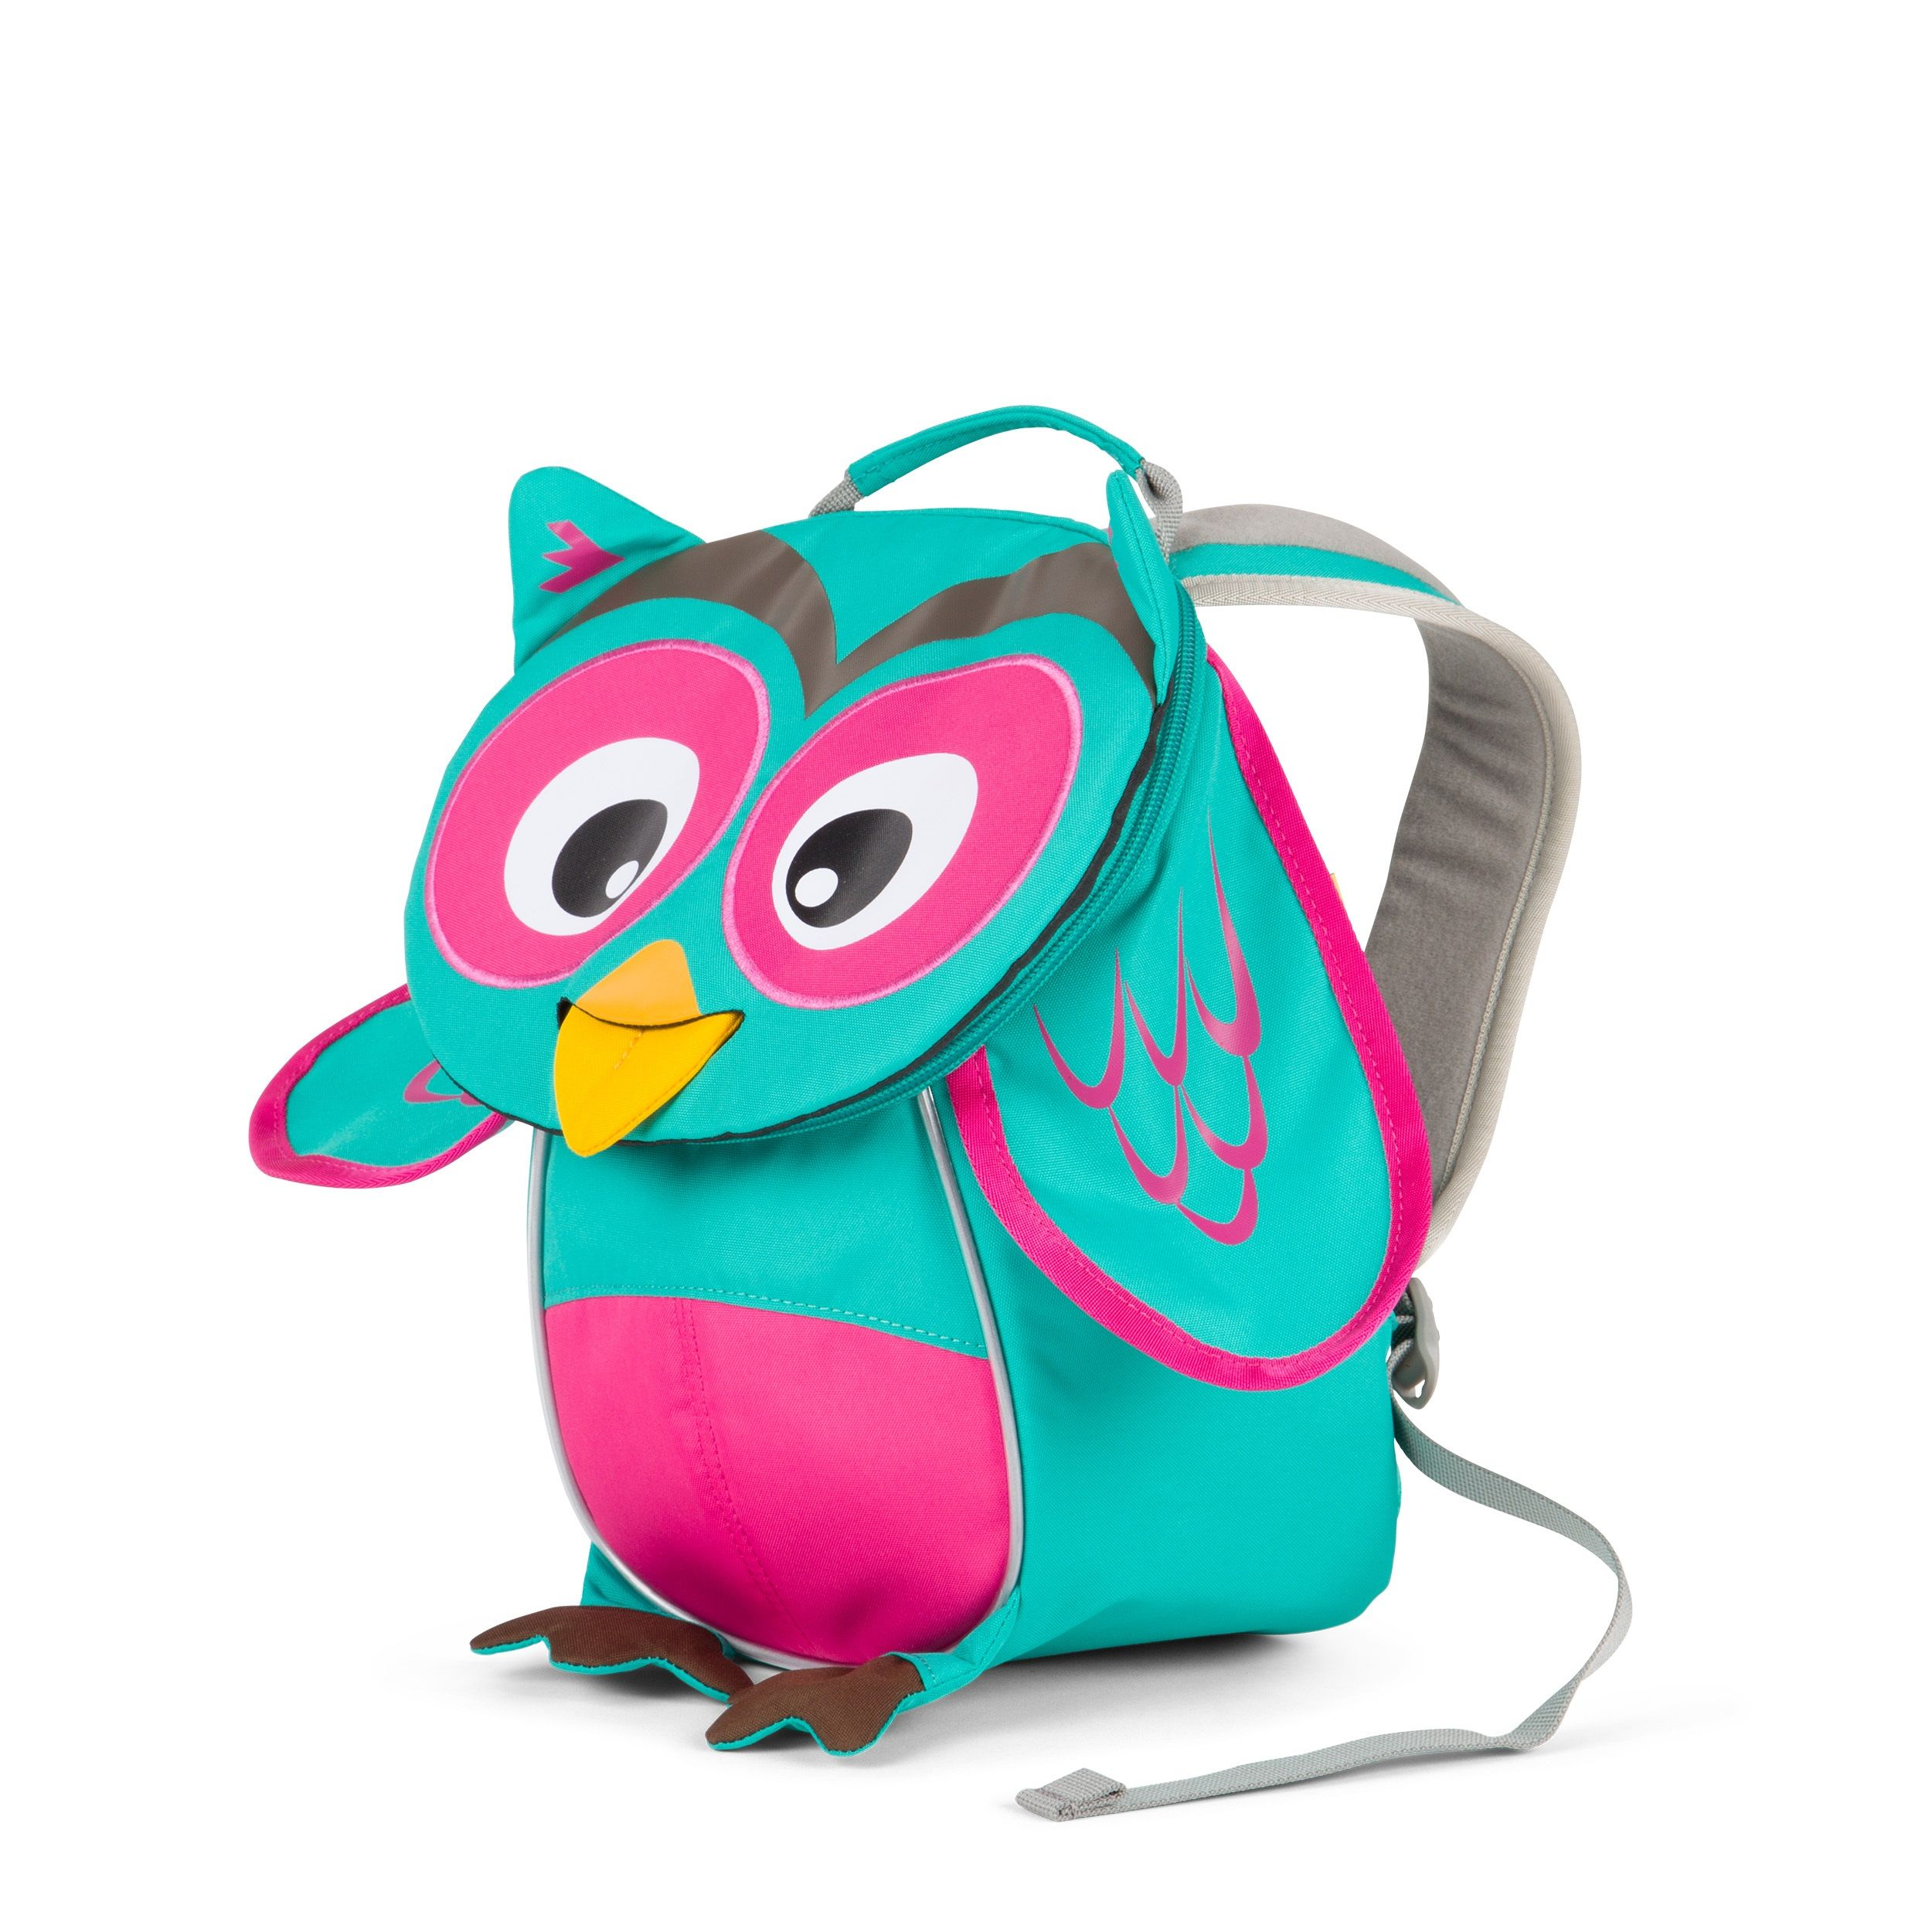 Rucksack Kindergartenrucksack Schulrucksack Schultasche Kindertasche Tweety Bird